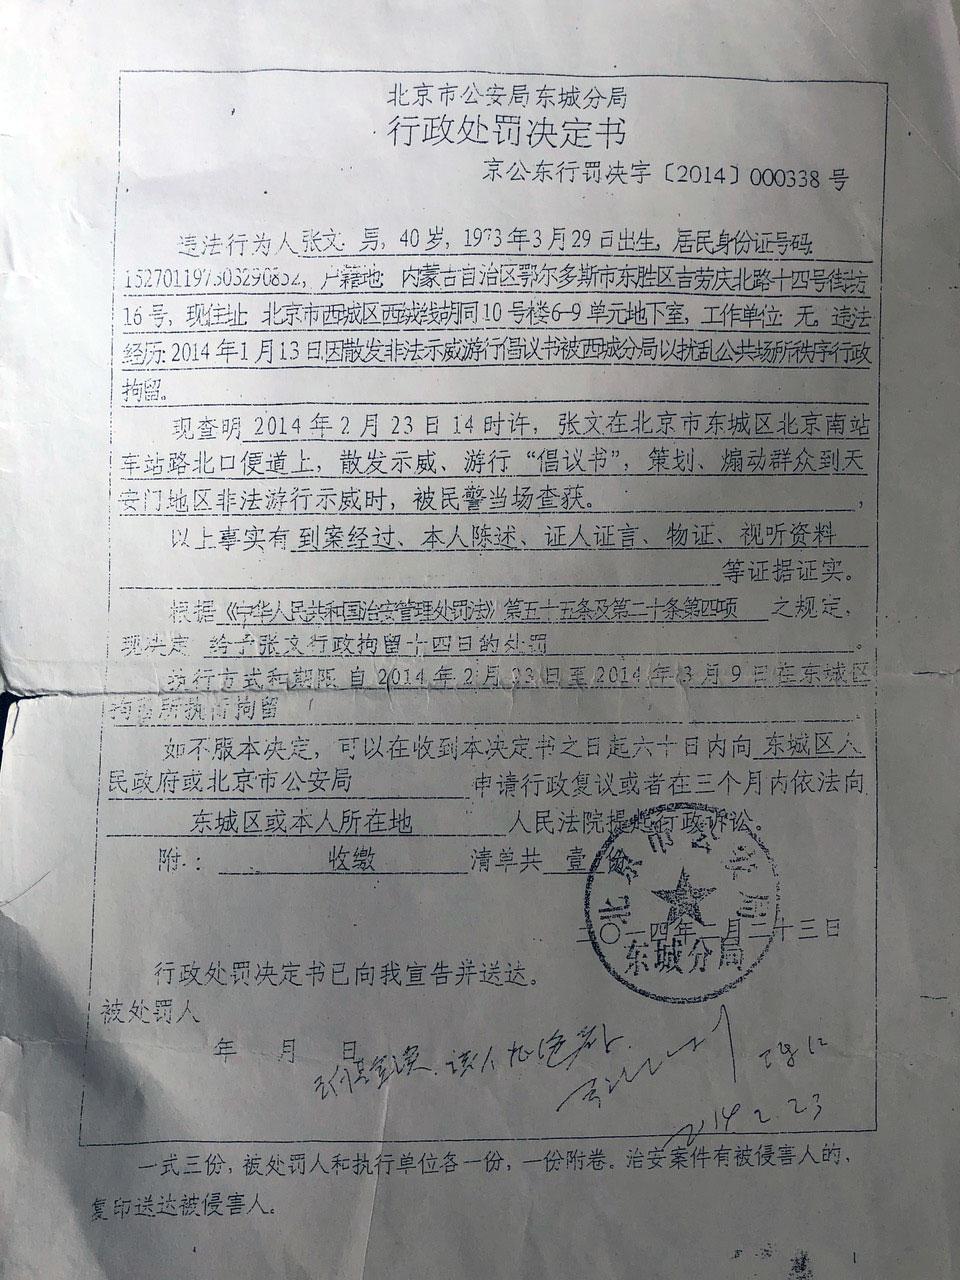 """张文提供""""北京市公安局东城分局行政处罚决定书""""复印本,称在天安门示威游行遭刑事拘留。"""